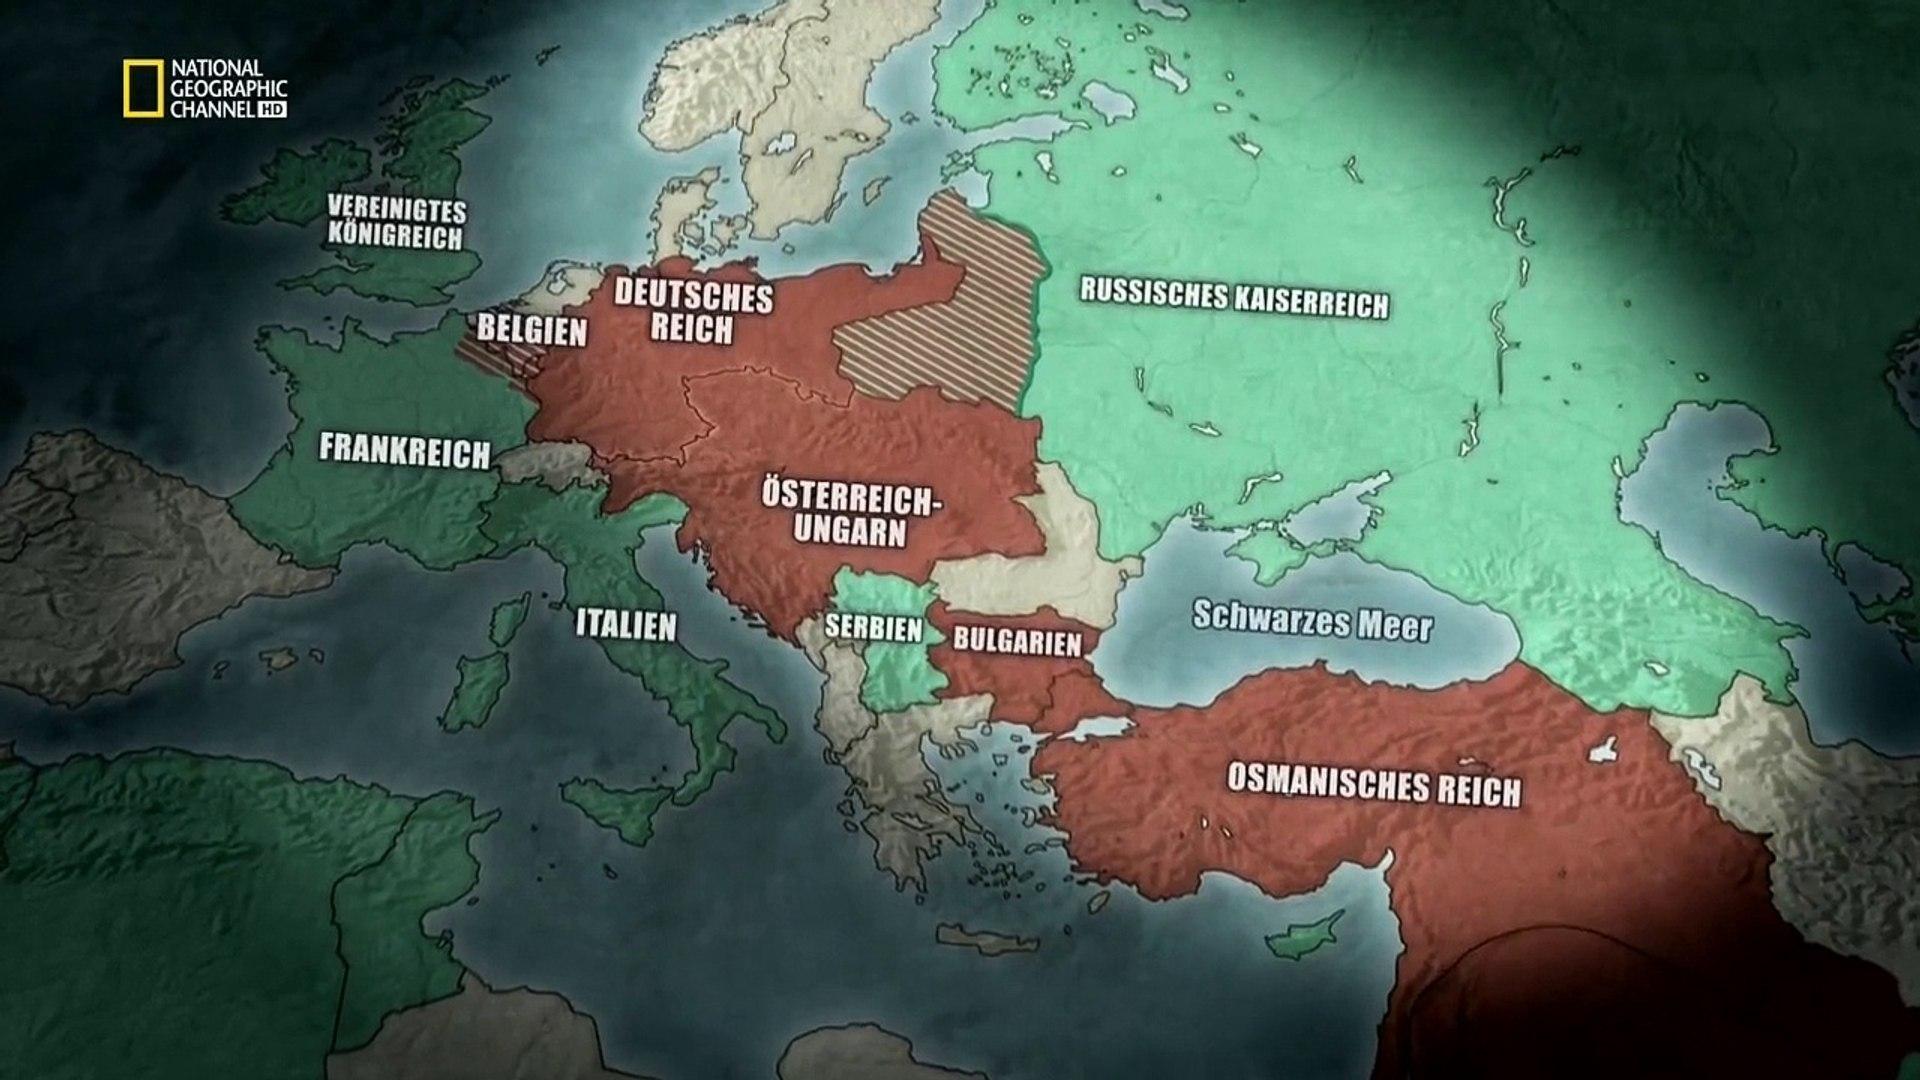 السلسلة الوثائقية الحرب العالمية الاولى   الجزء الثالث